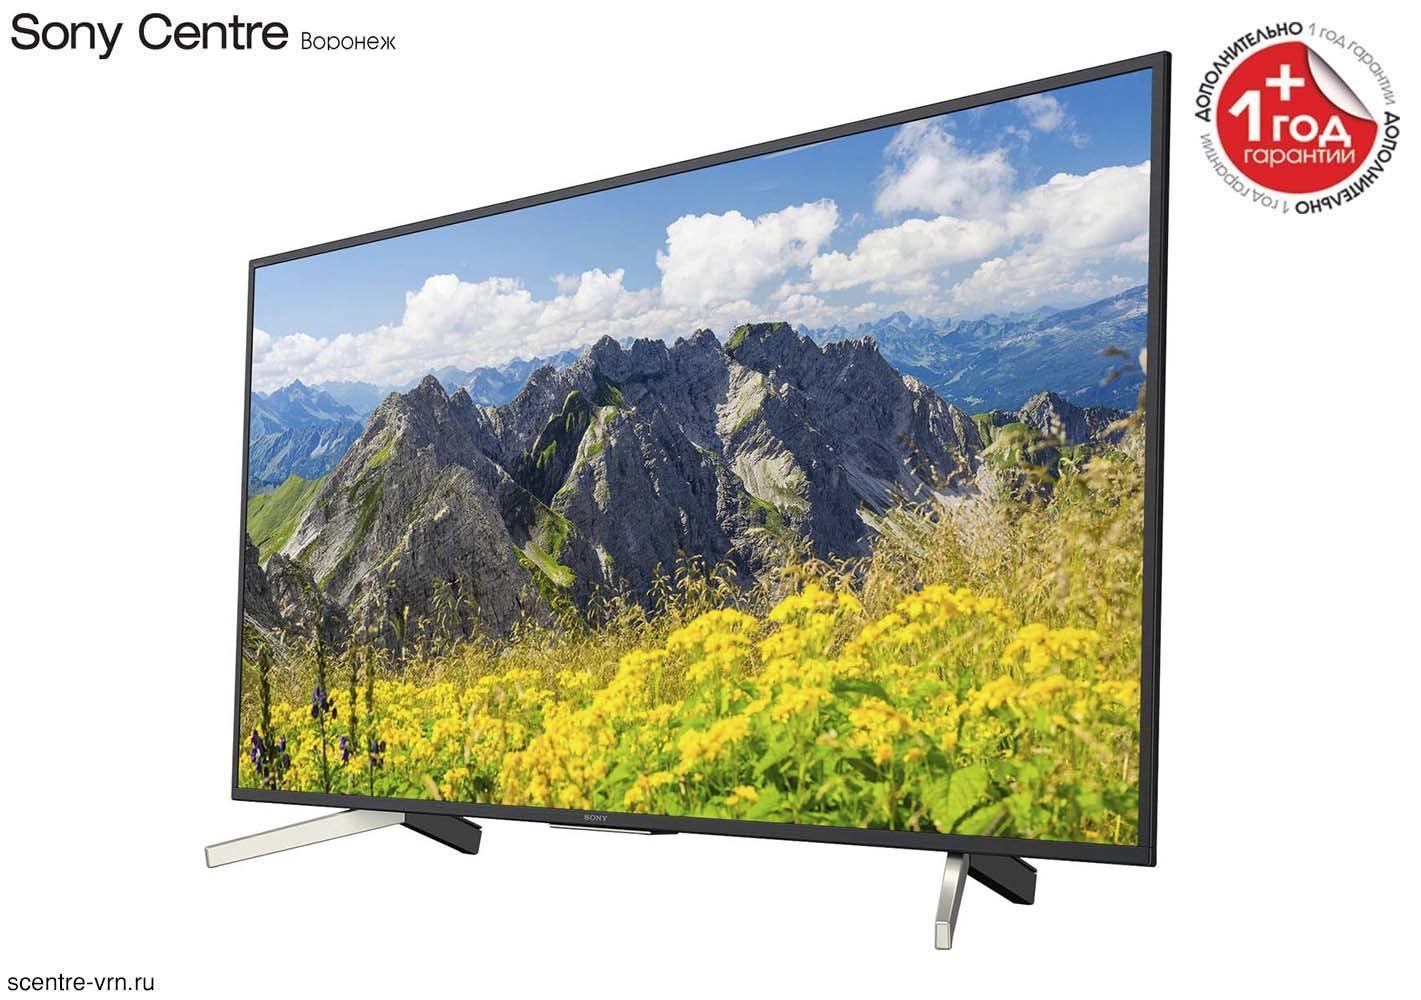 Телевизор Sony Bravia KD-65XF7096 купить в Sony Centre Воронеж